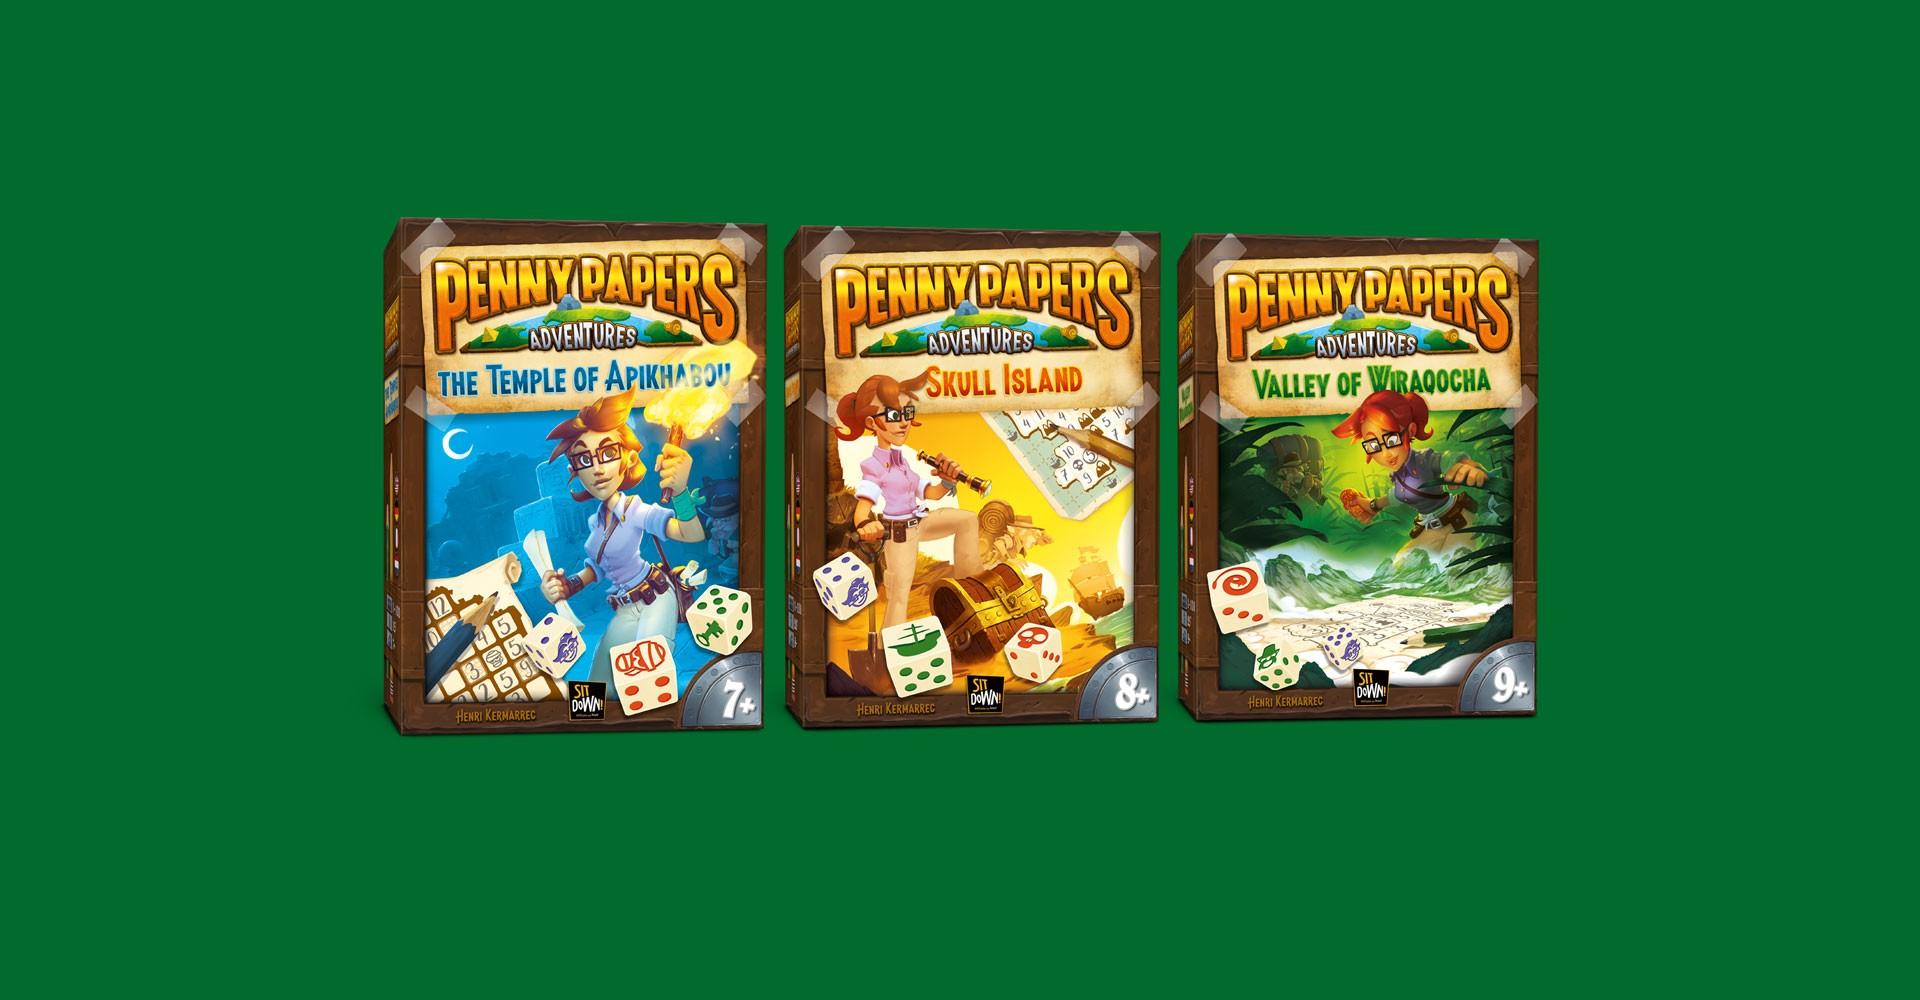 Les trois boîtes de la gamme Penny Papers Adventures